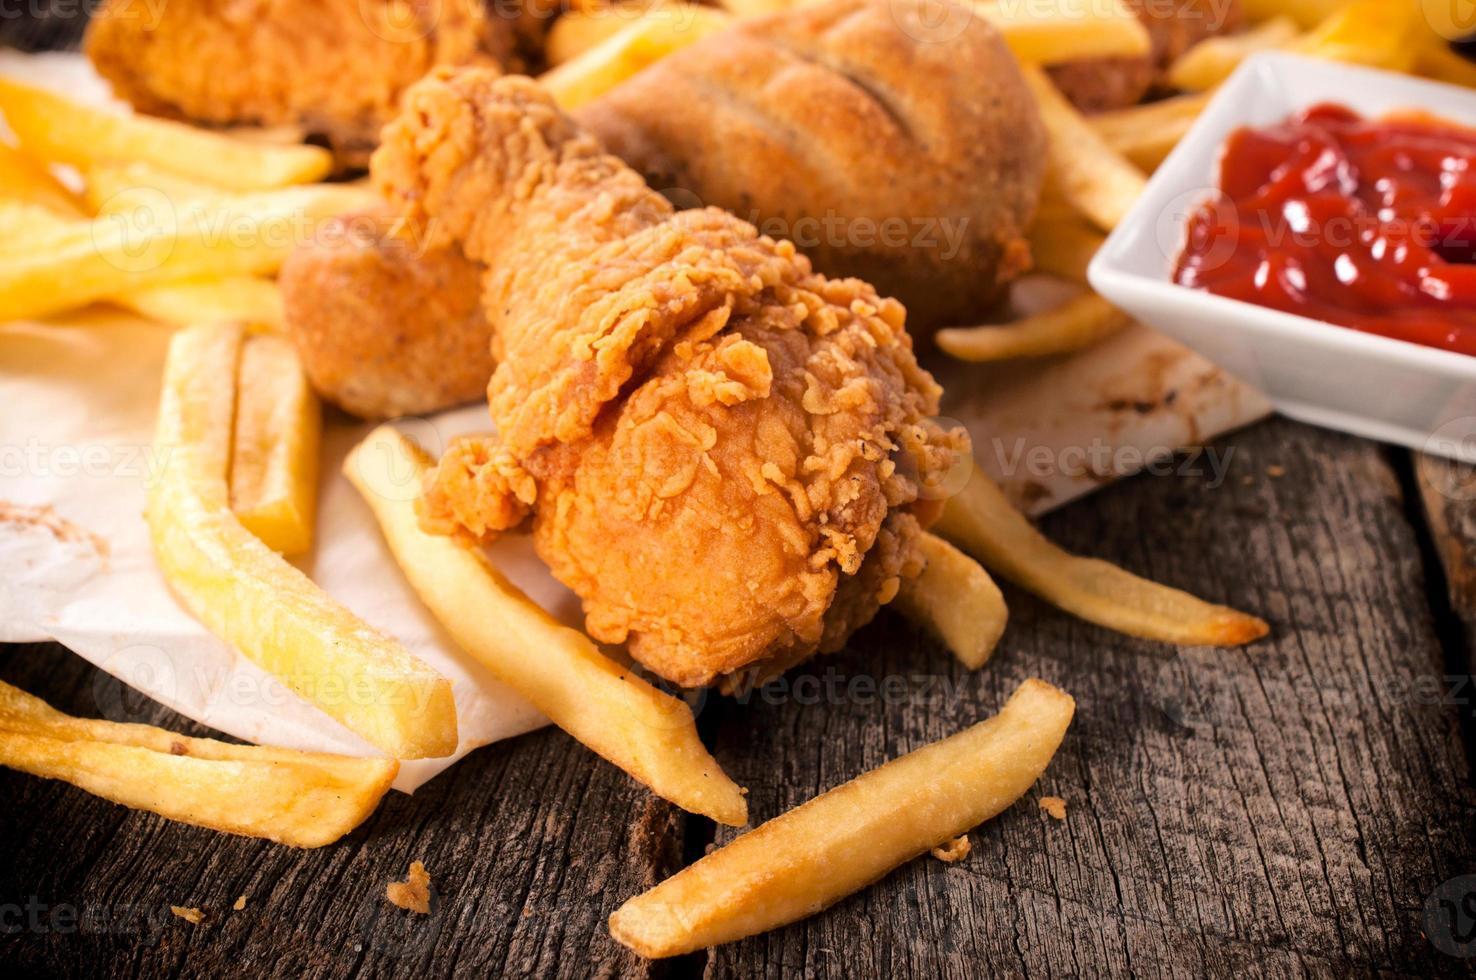 comida não saudável foto